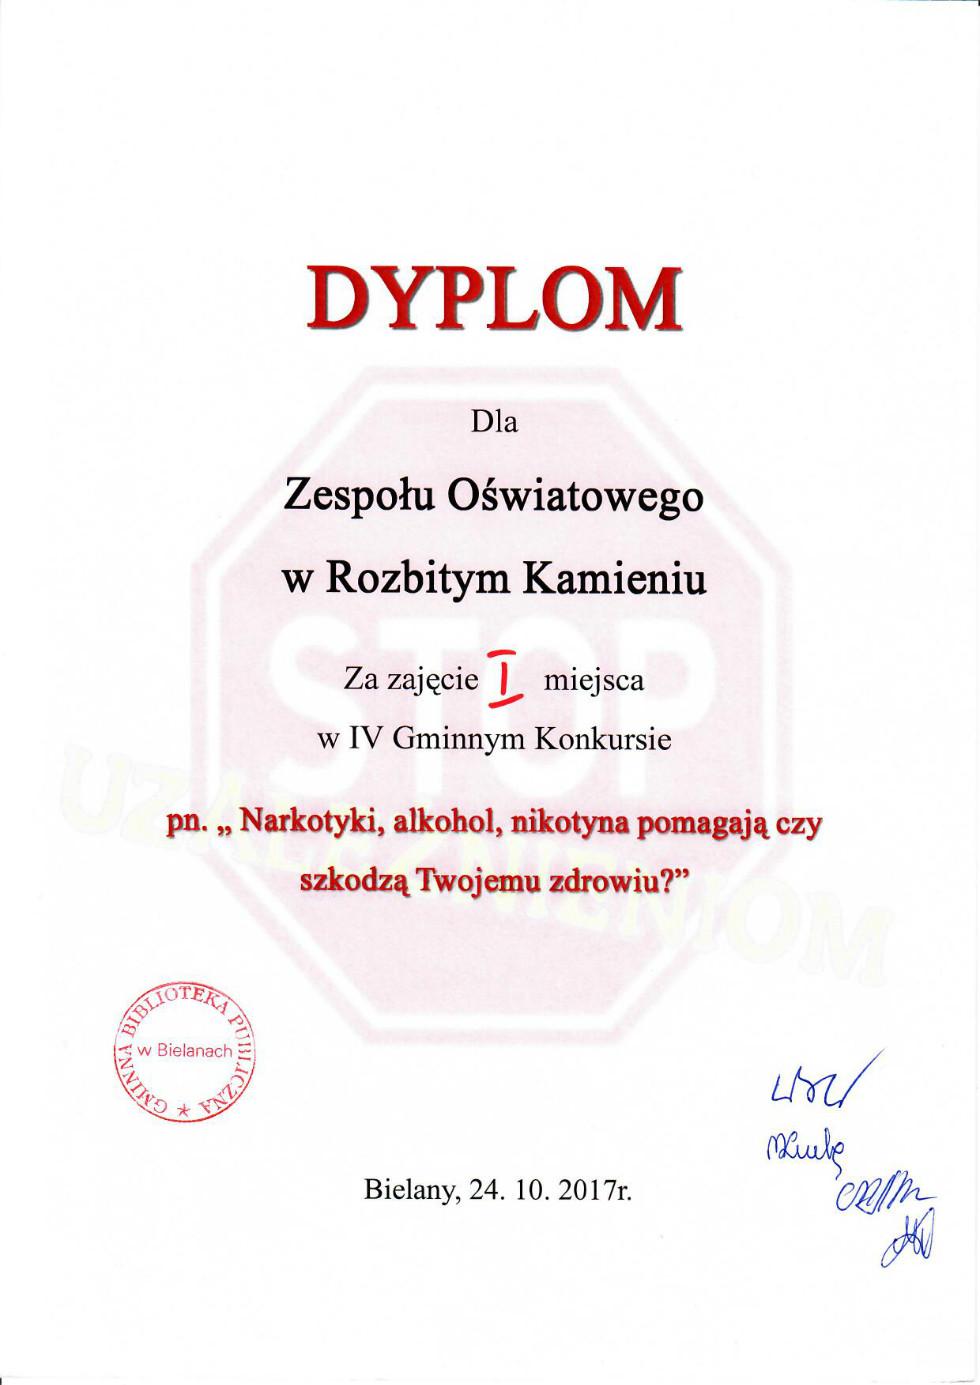 Dyplom za udzial w konkursie literackim